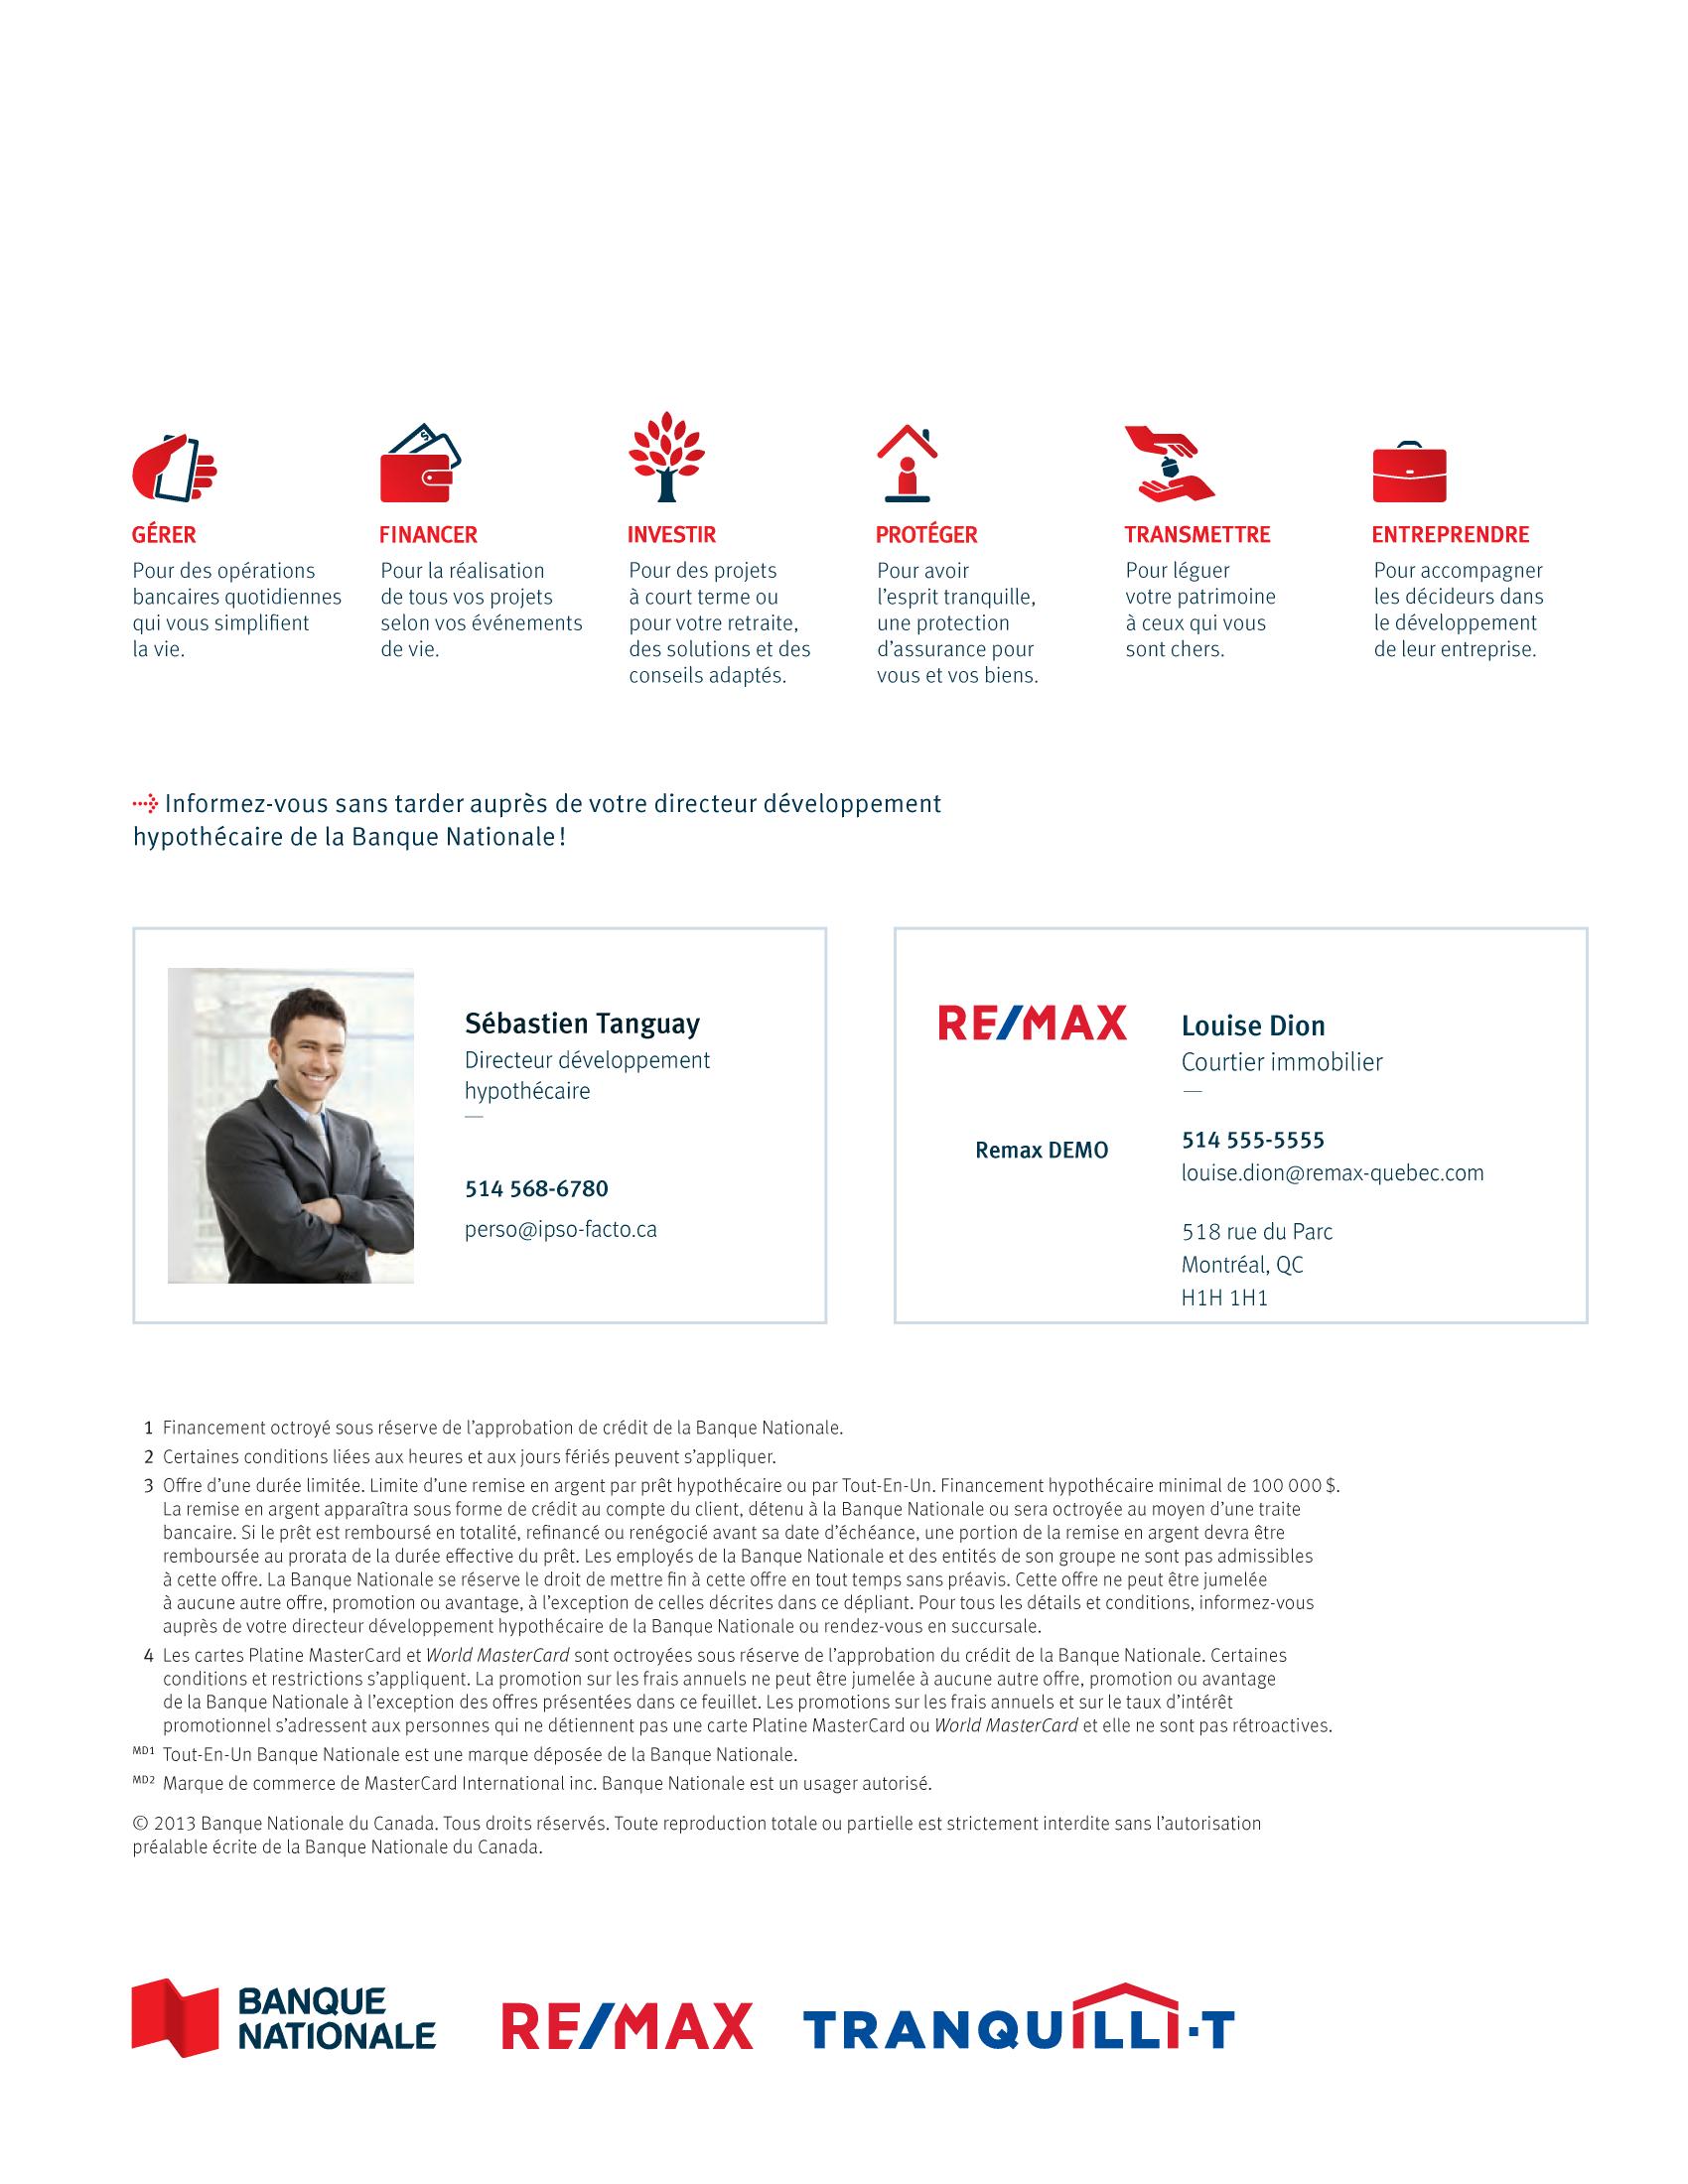 4 | Dépliant « Un partenariat riche en avantages » - RE/MAX Tranquili-t